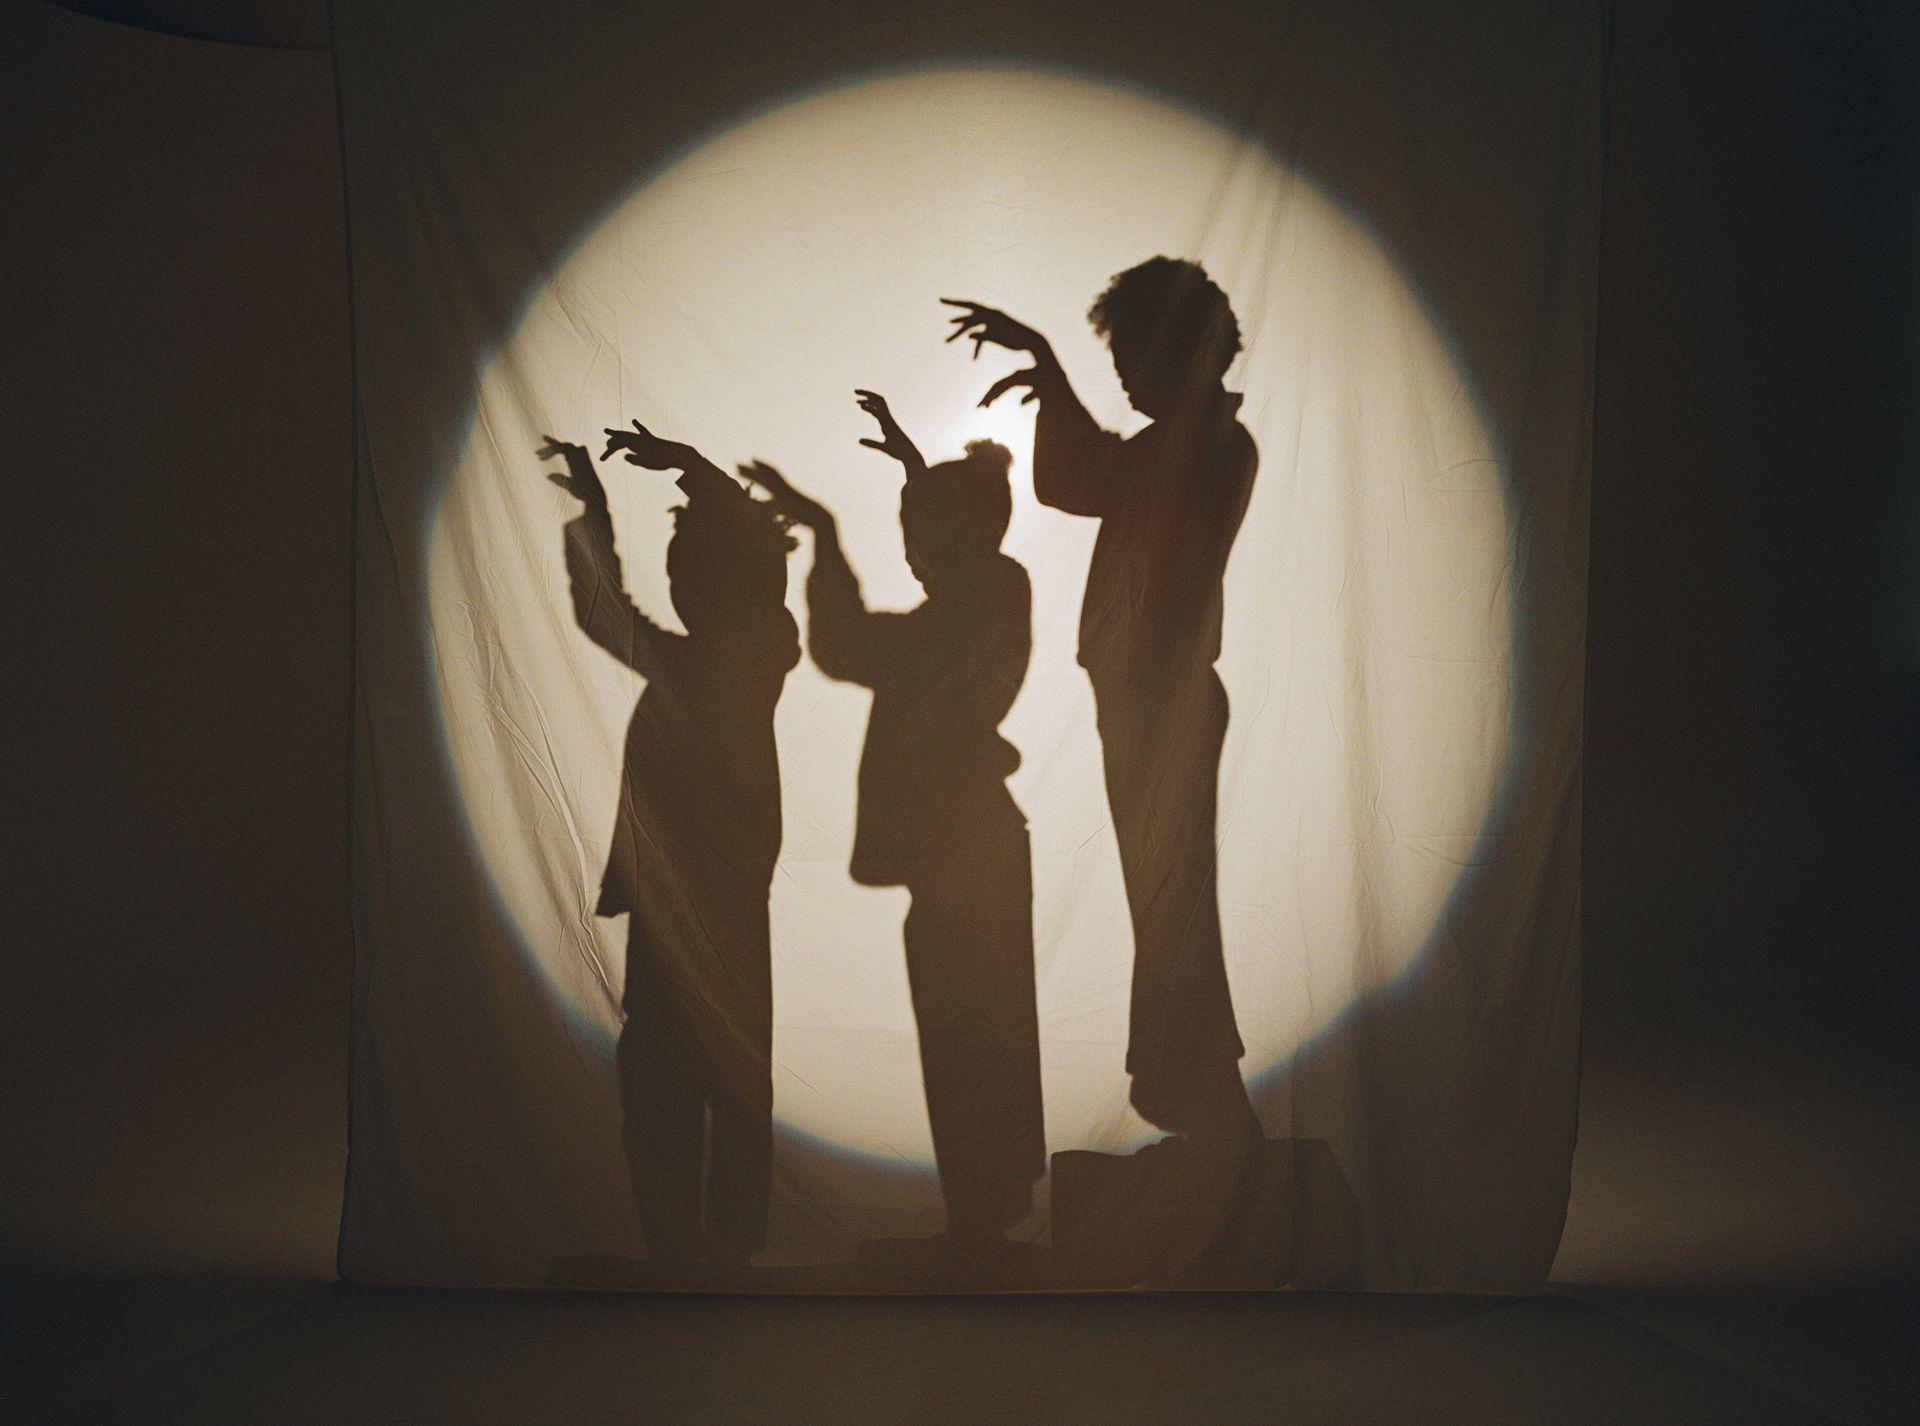 Des enfants qui font des spectacles d'ombres avec leurs mains. Nous ne voyons que leur ombre dans un cercle de lumière derrière un tissu blanc suspendu.